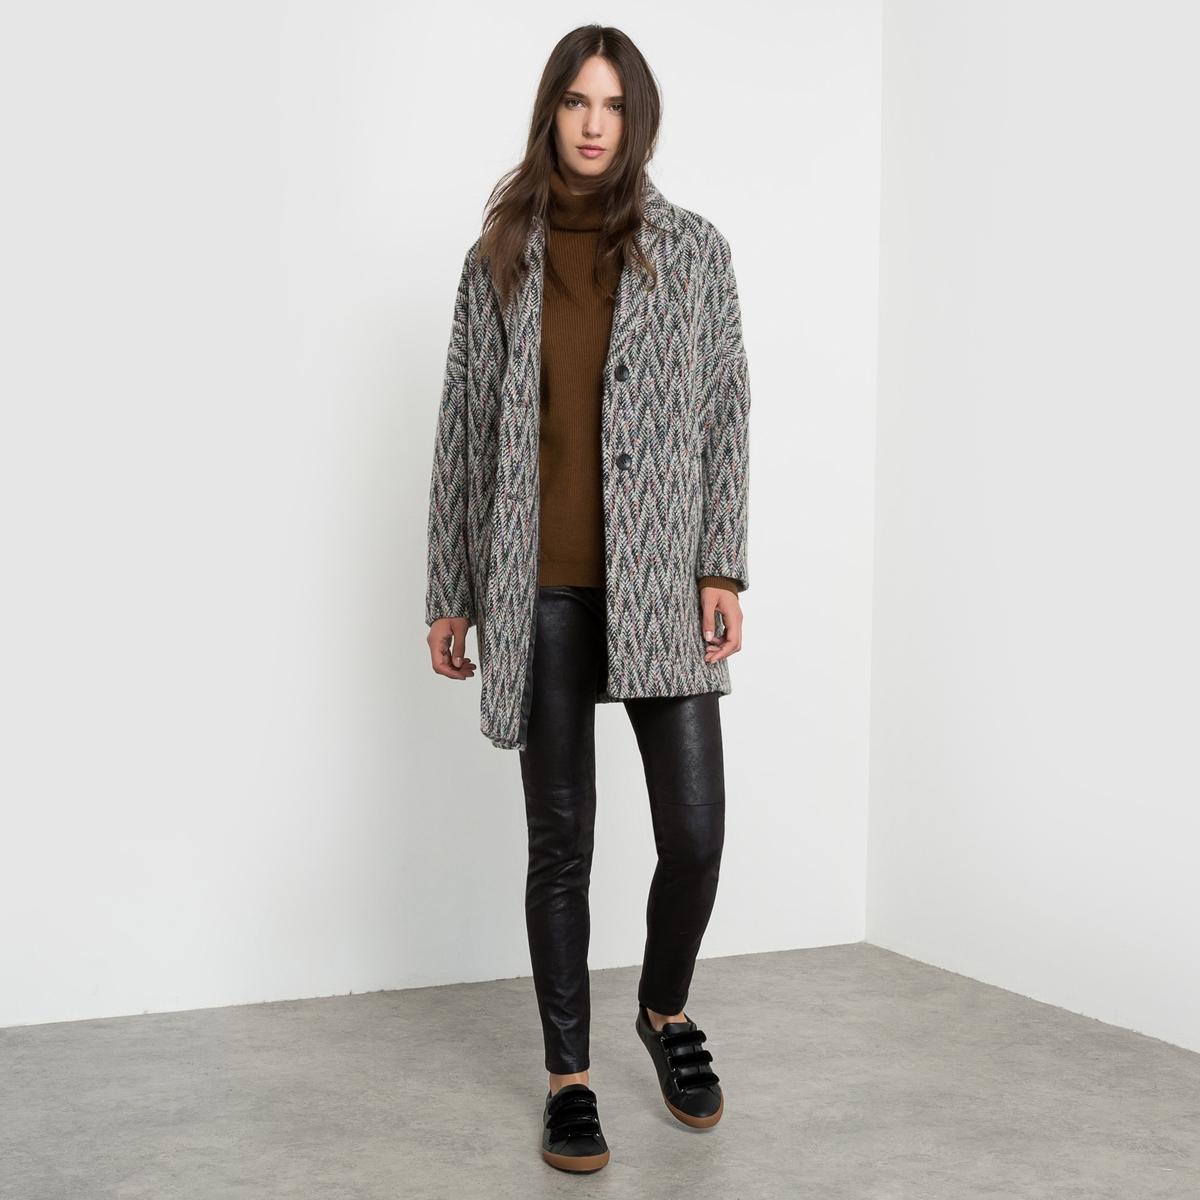 Пальто покроя оверсайз с зигзагообразным рисункомСостав и описание :Материал       50% шерсти, 50% полиэстераПодкладка       100% полиэстераМарка       SEE U SOONУход :Сухая чистка<br><br>Цвет: серый меланж